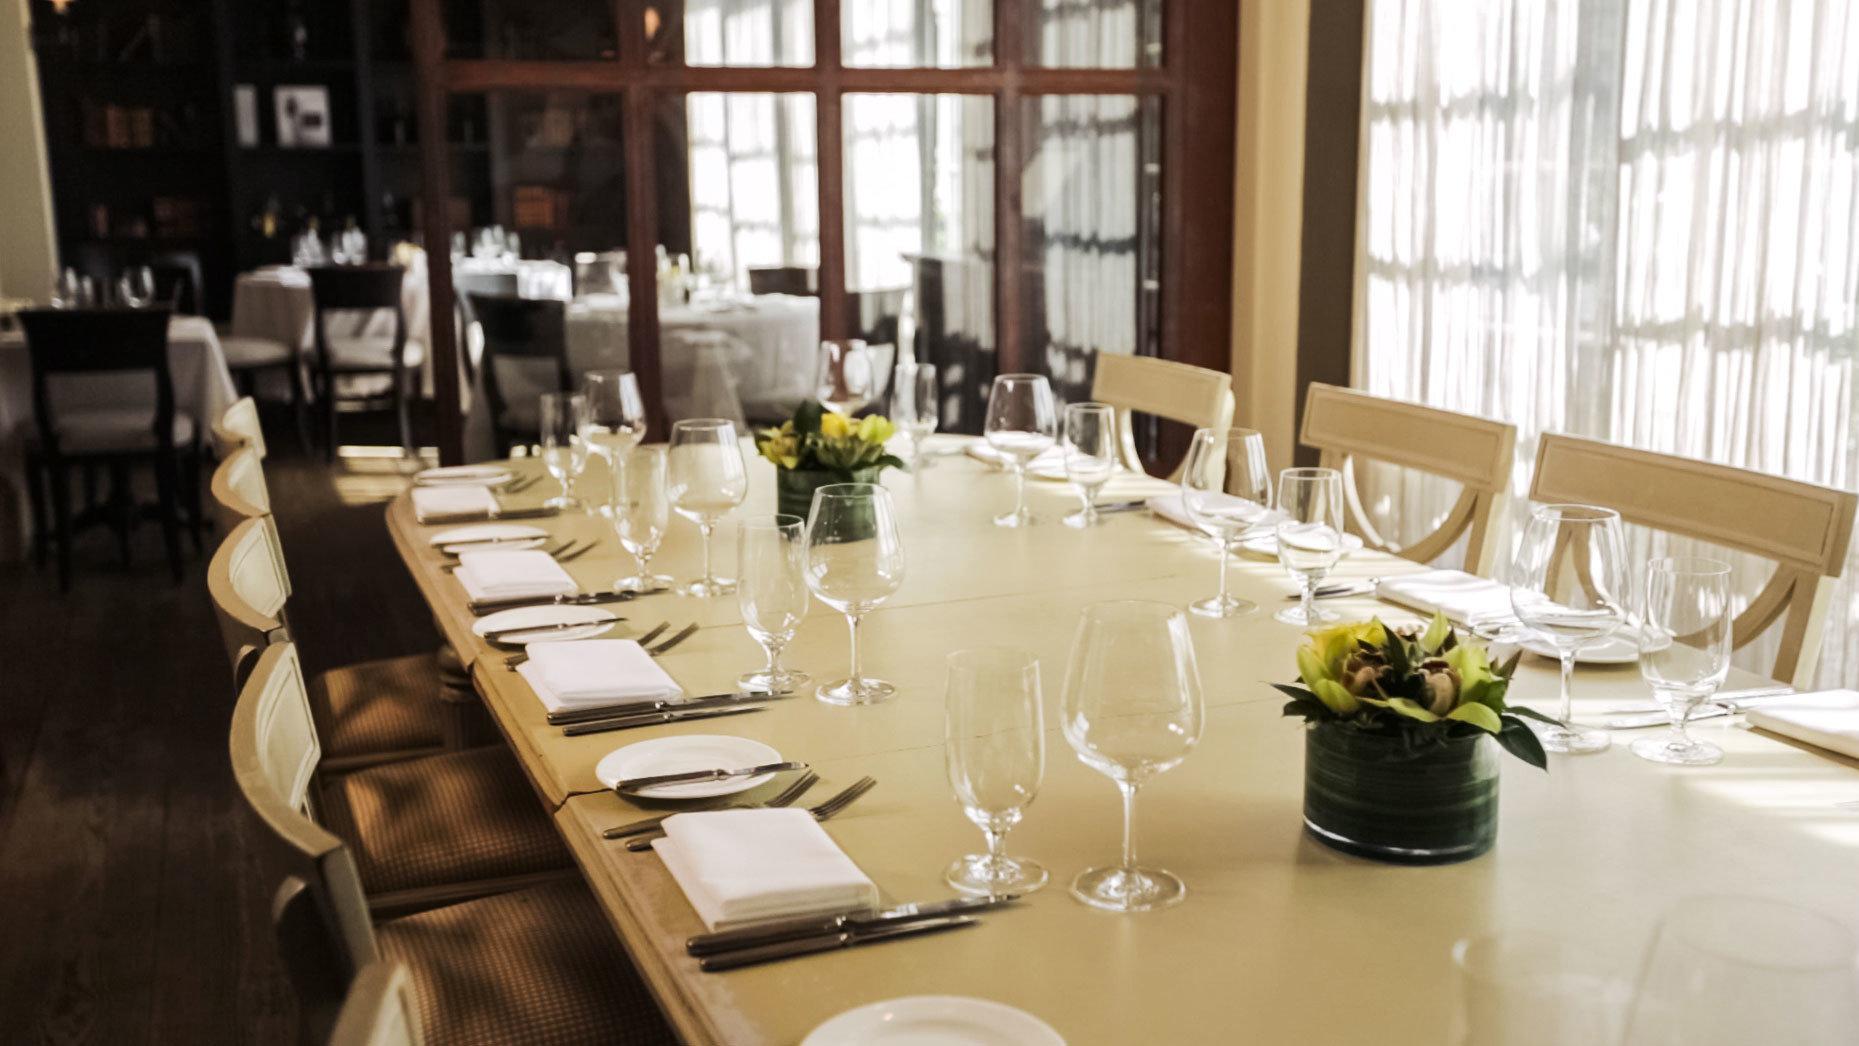 restaurant function hall Dining banquet wedding wedding reception rehearsal dinner ballroom Drink dining table dinner